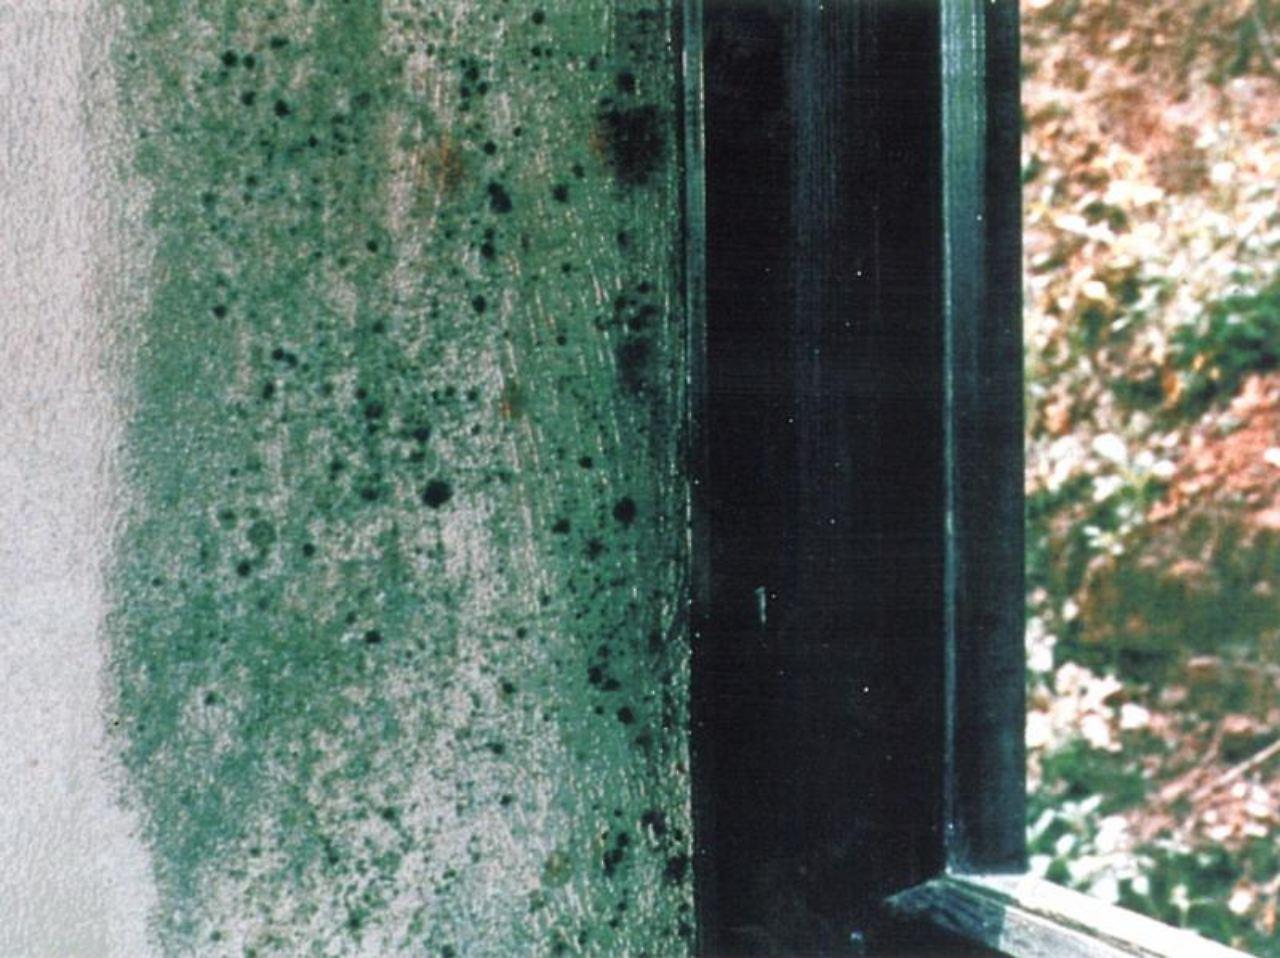 Lüften hilft nicht immer: Warum schimmelt die Wohnung? - n-tv.de